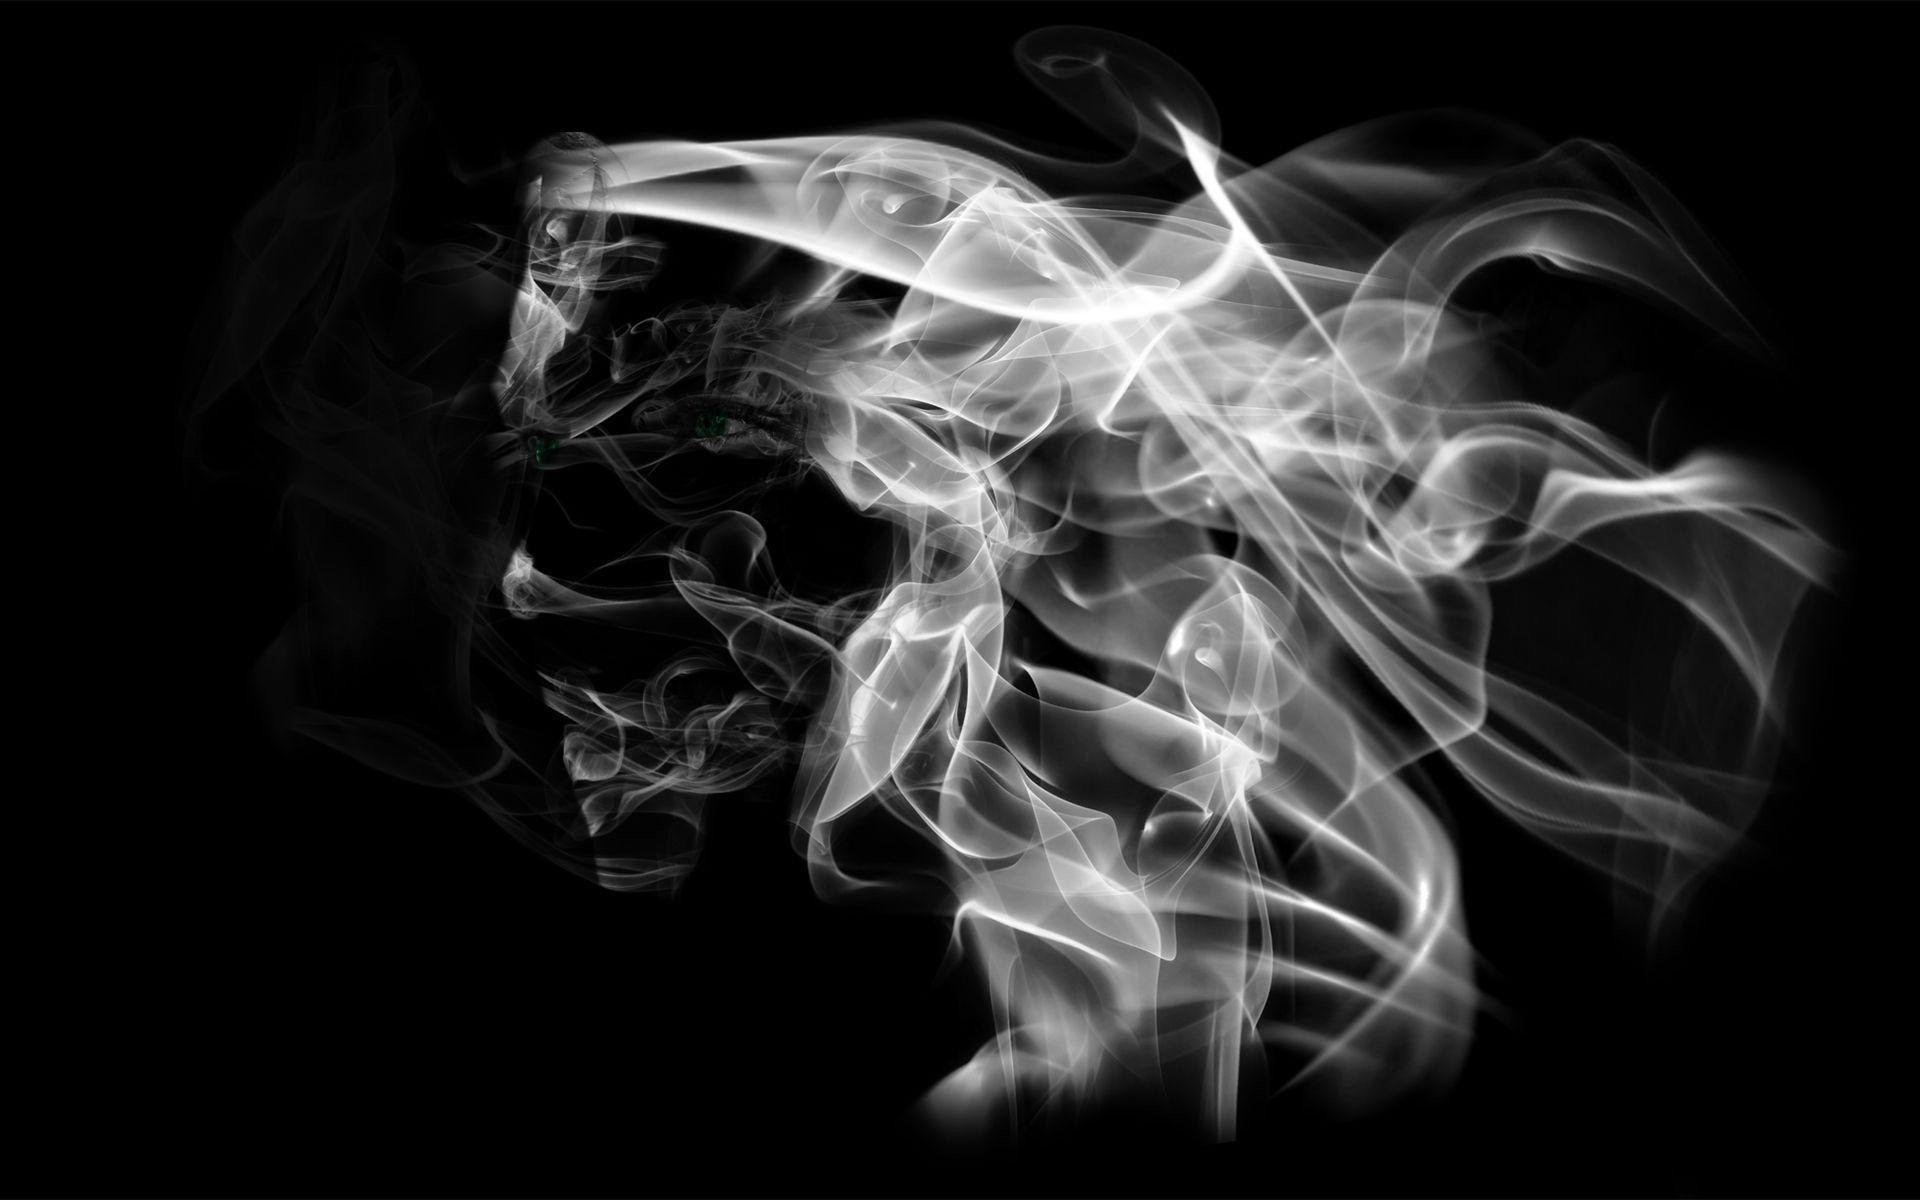 Smoke Wallpaper – Full HD wallpaper search – page 4